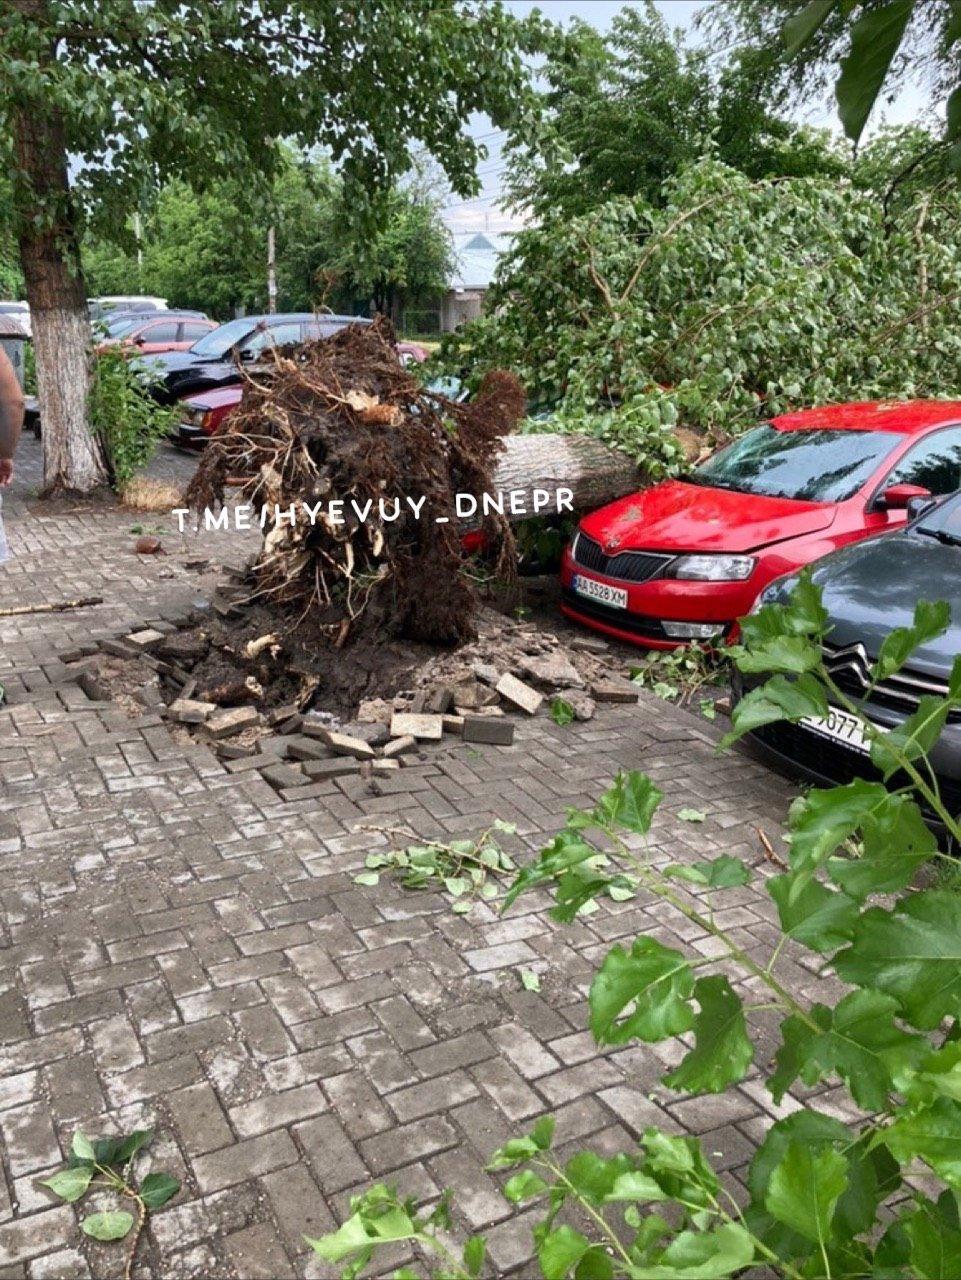 Деревья в лобовом стекле и сломанные заборы: последствия непогоды в Днепре, фото-2